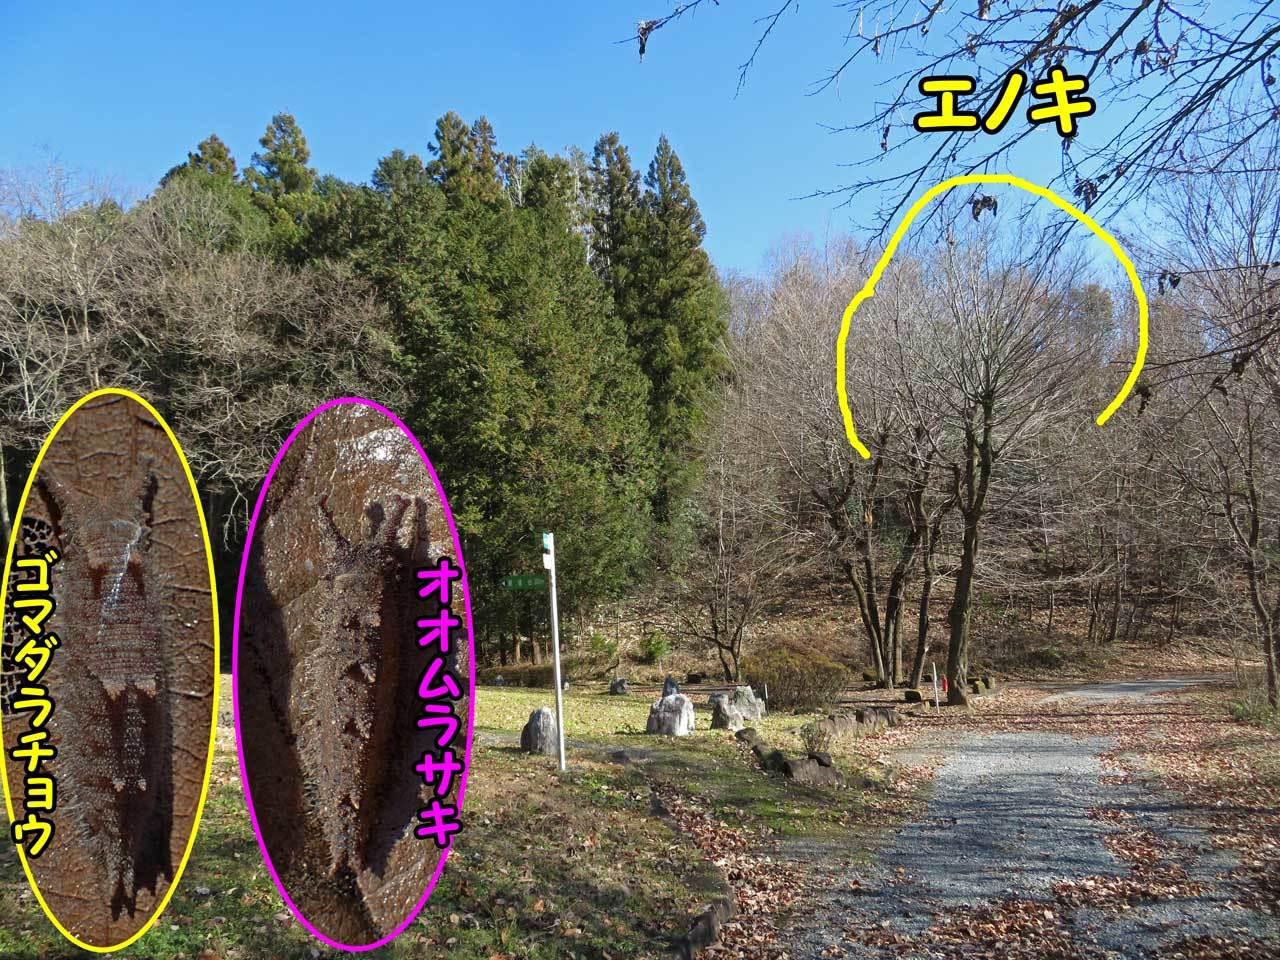 オオムラサキ、ゴマダラチョウの越冬幼虫_e0253104_15542488.jpg